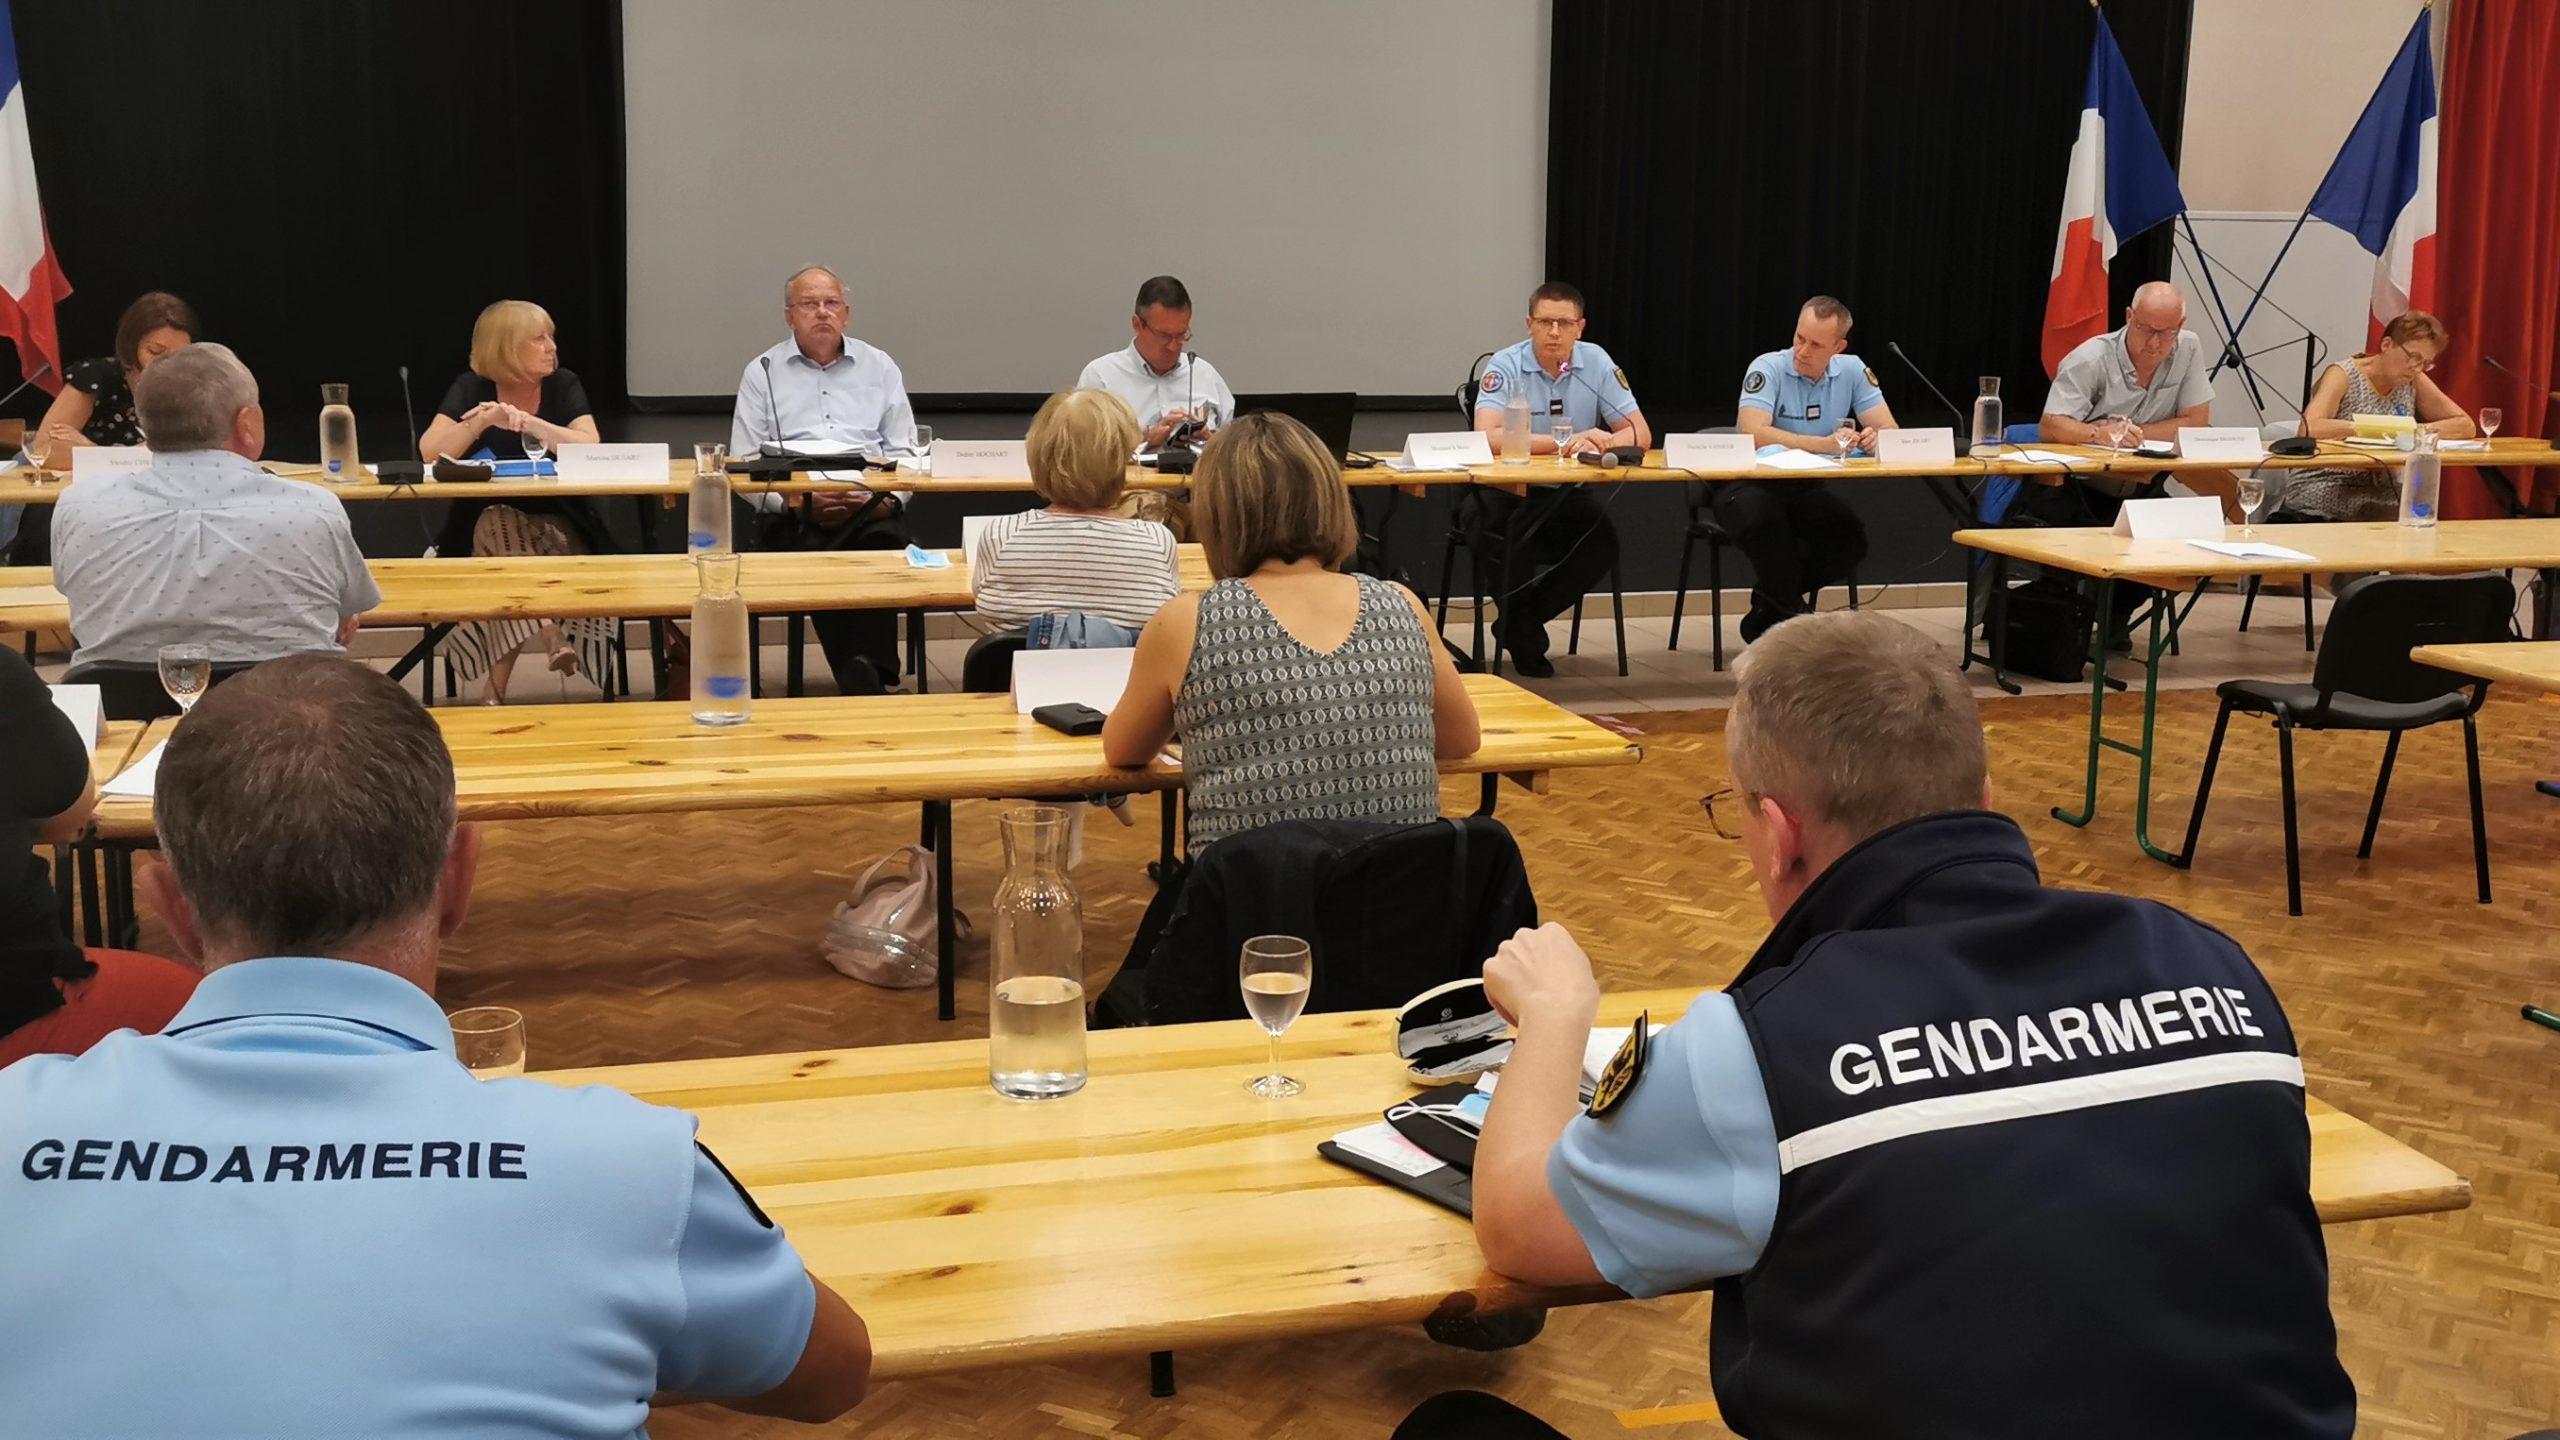 La participation citoyenne : des yeux et des oreilles pour assister les gendarmes